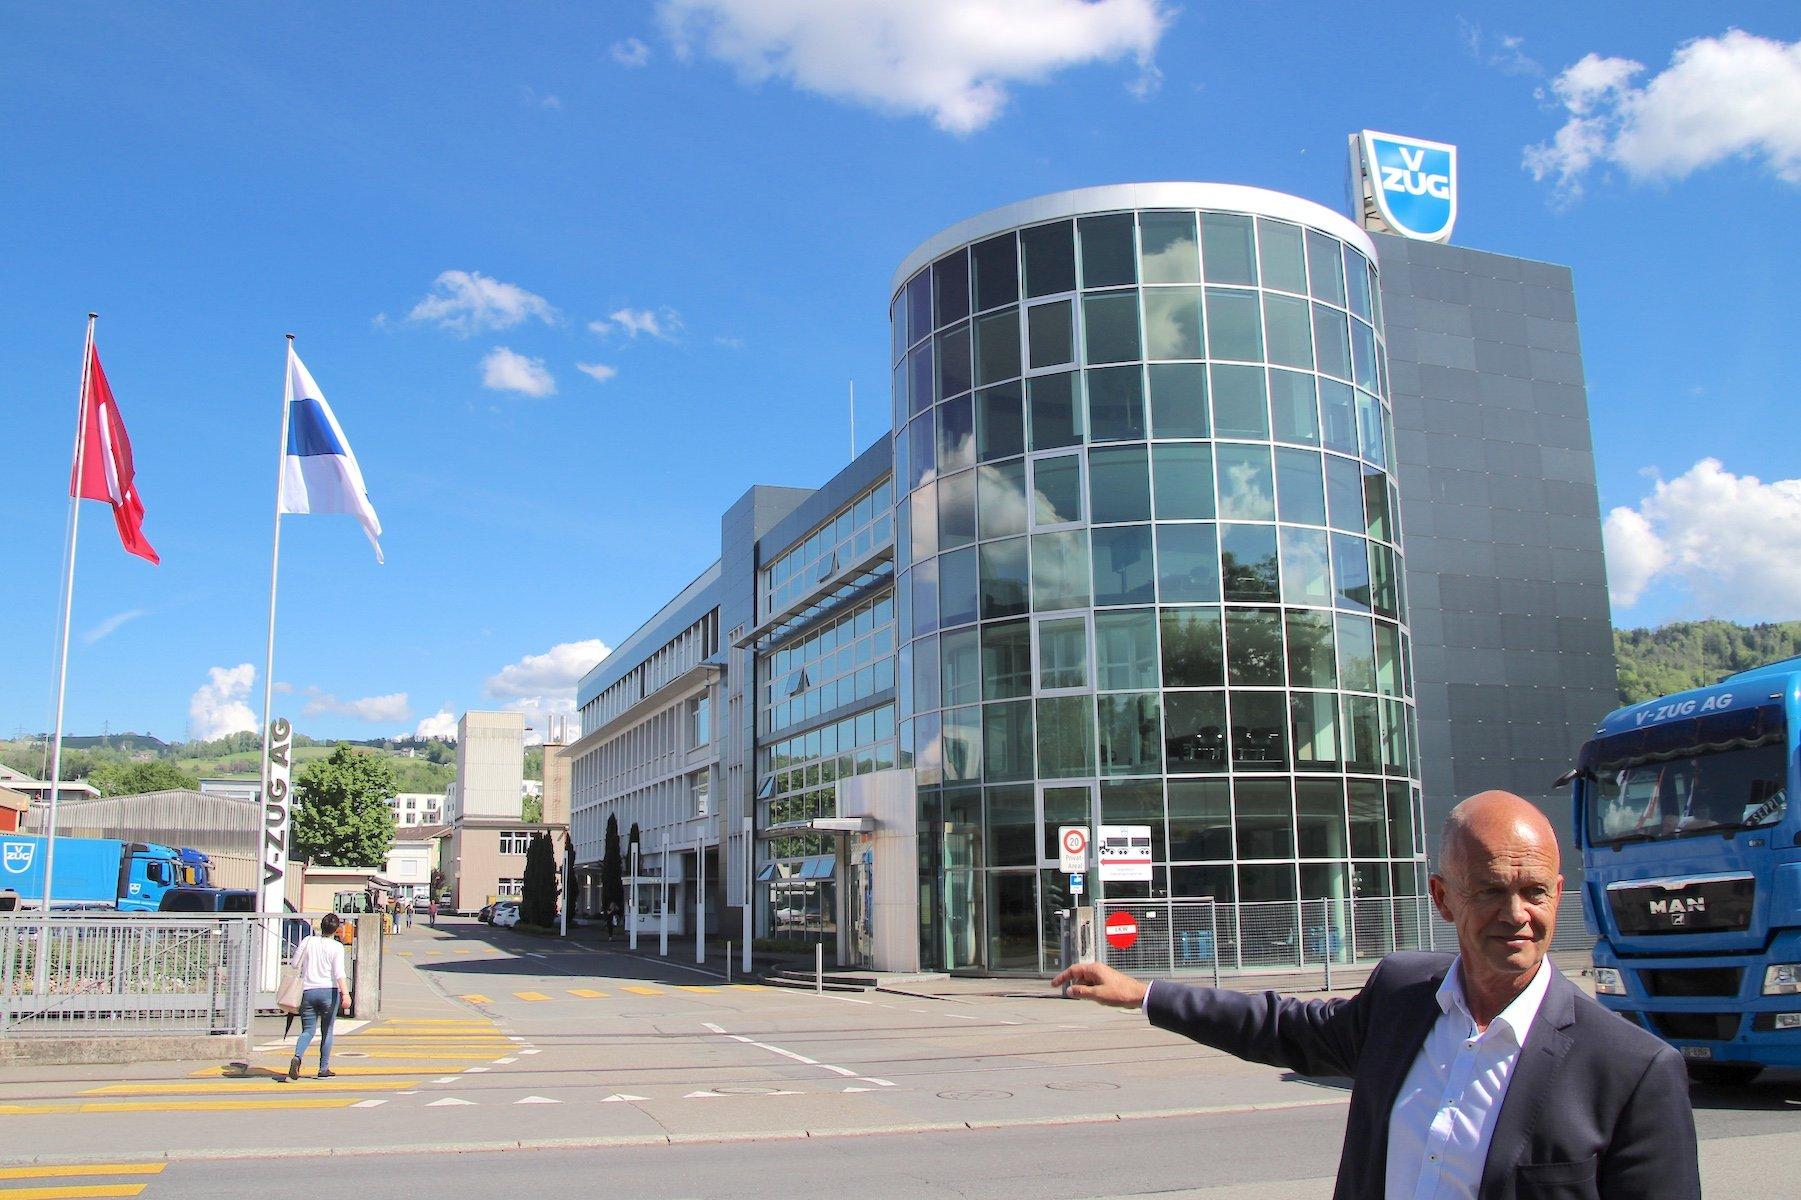 V-Zug-Chef Drik Hoffmann vor dem Eingang zum Fabrikgelände. In einigen Jahren stehen hier vollkommen andere Gebäude.